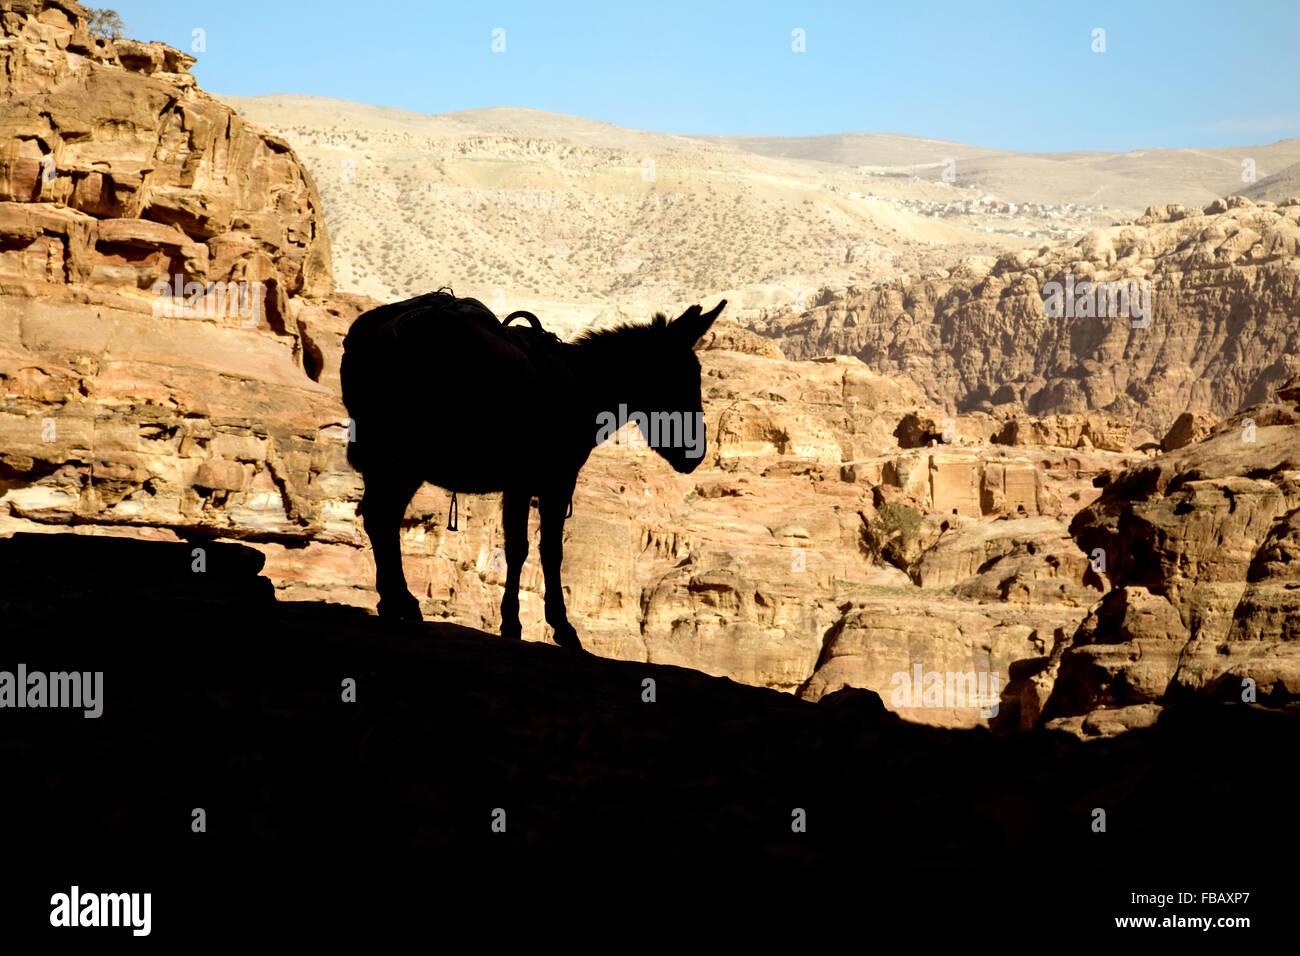 La silueta de un burro contra las soleadas montañas de Jordania, Oriente Medio, Asia Imagen De Stock